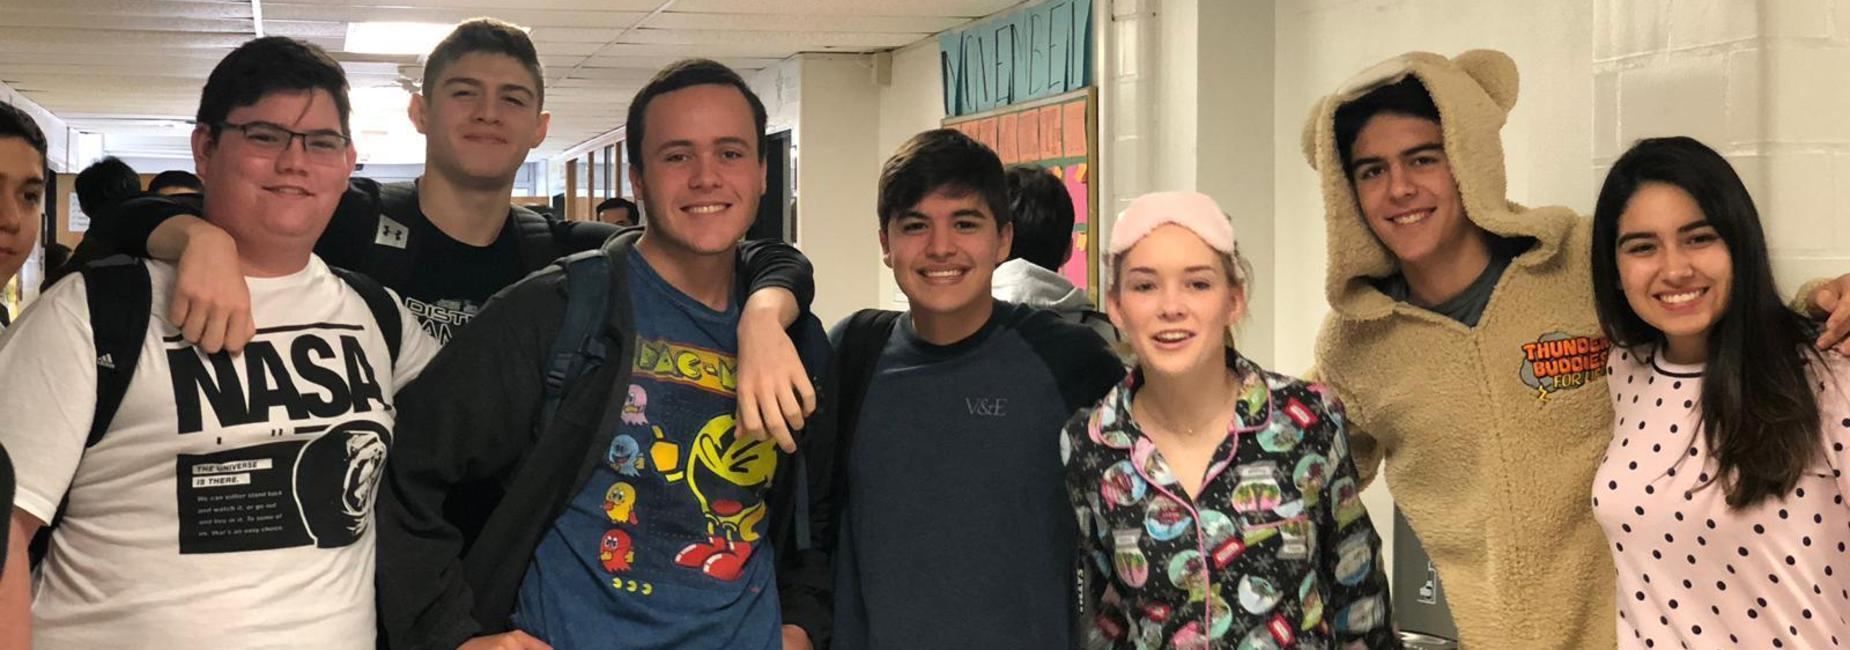 Lamar students in pj's